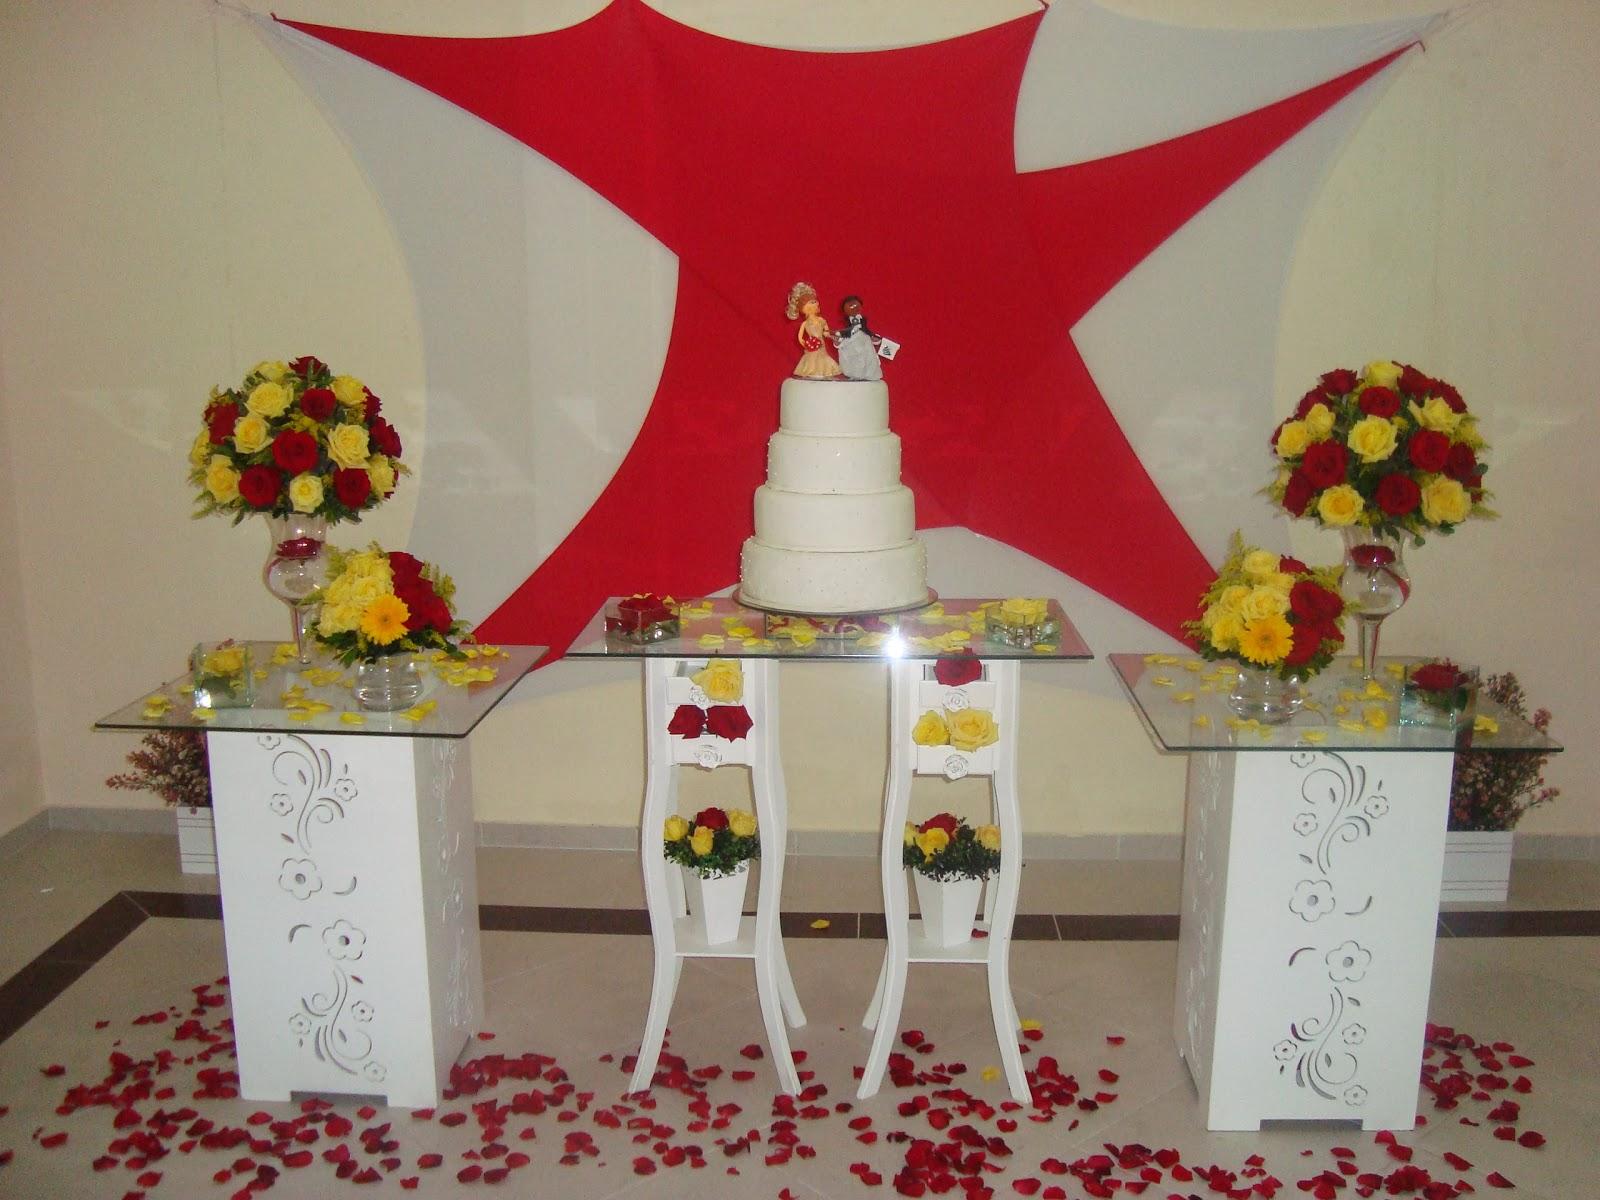 Decorao De Festa De Casamento Vermelho E Amarelo  Car Interior Design